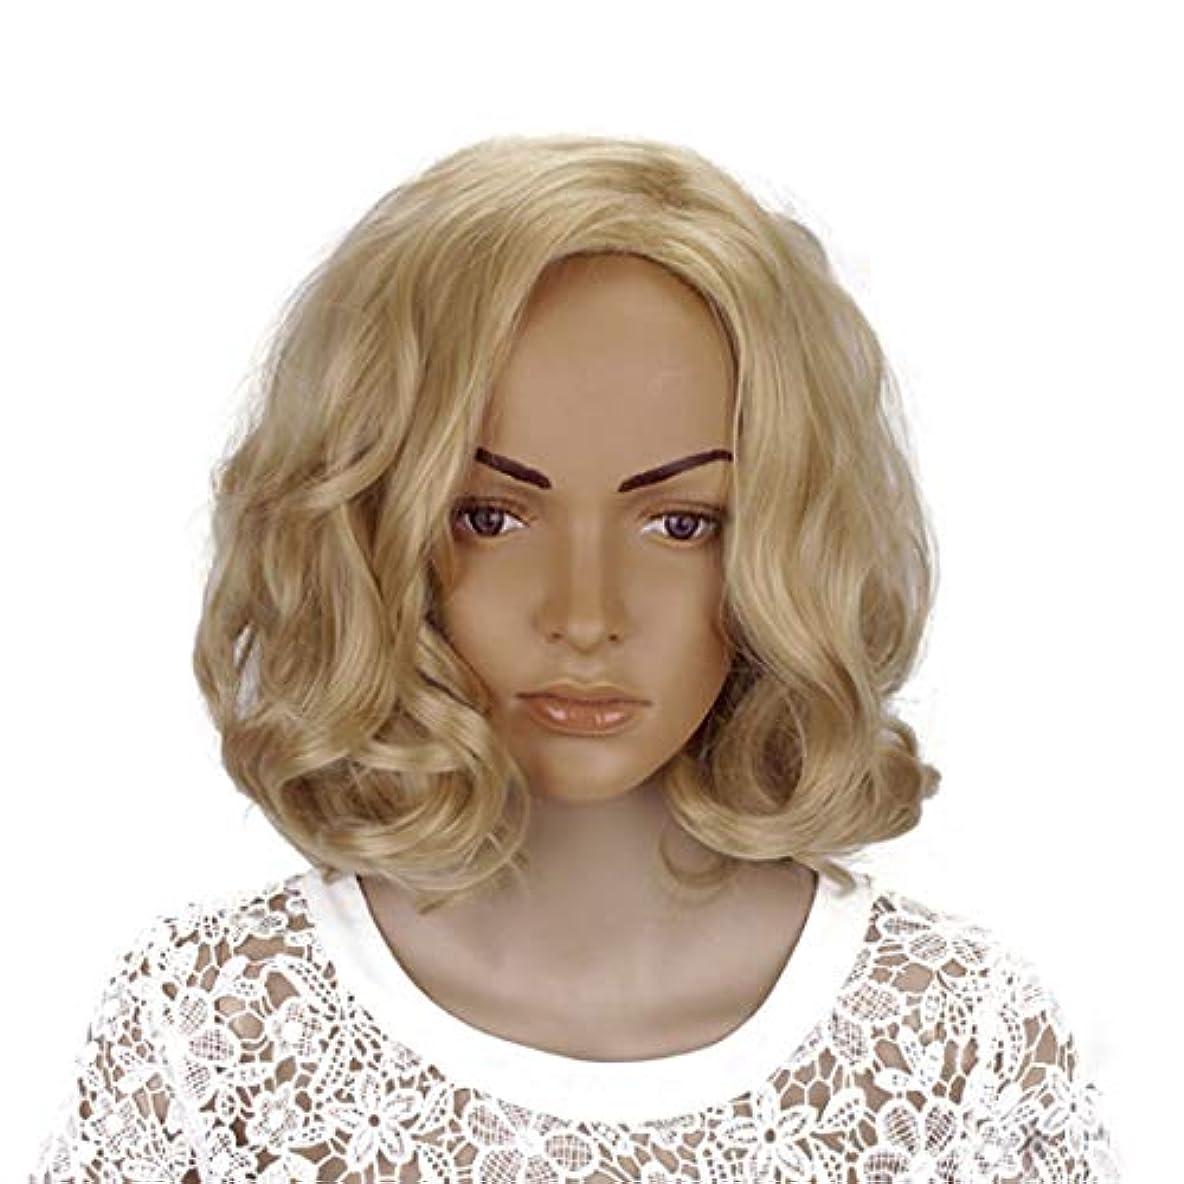 邪魔するフェンス彼らはYOUQIU 女性のかつらのための傾斜部前髪コスプレ衣装デイリーパーティーウィッグブロンド14インチ女性ボボカーリーの合成 (色 : Blonde, サイズ : 14